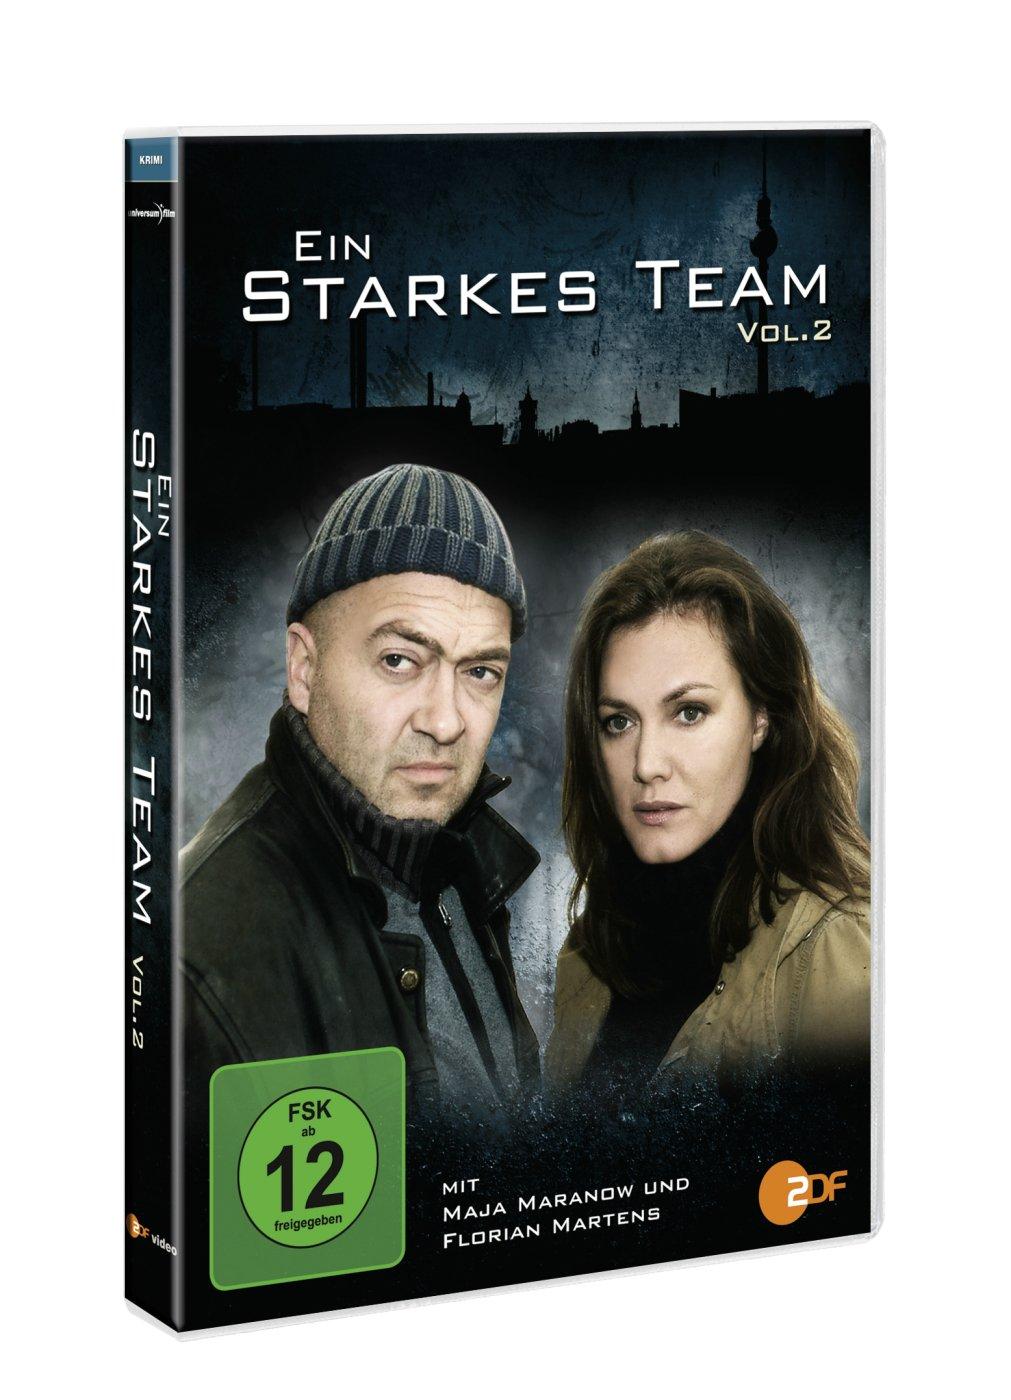 Ein Starkes Team Volume 2 2 Dvds Amazonde Maja Maranow